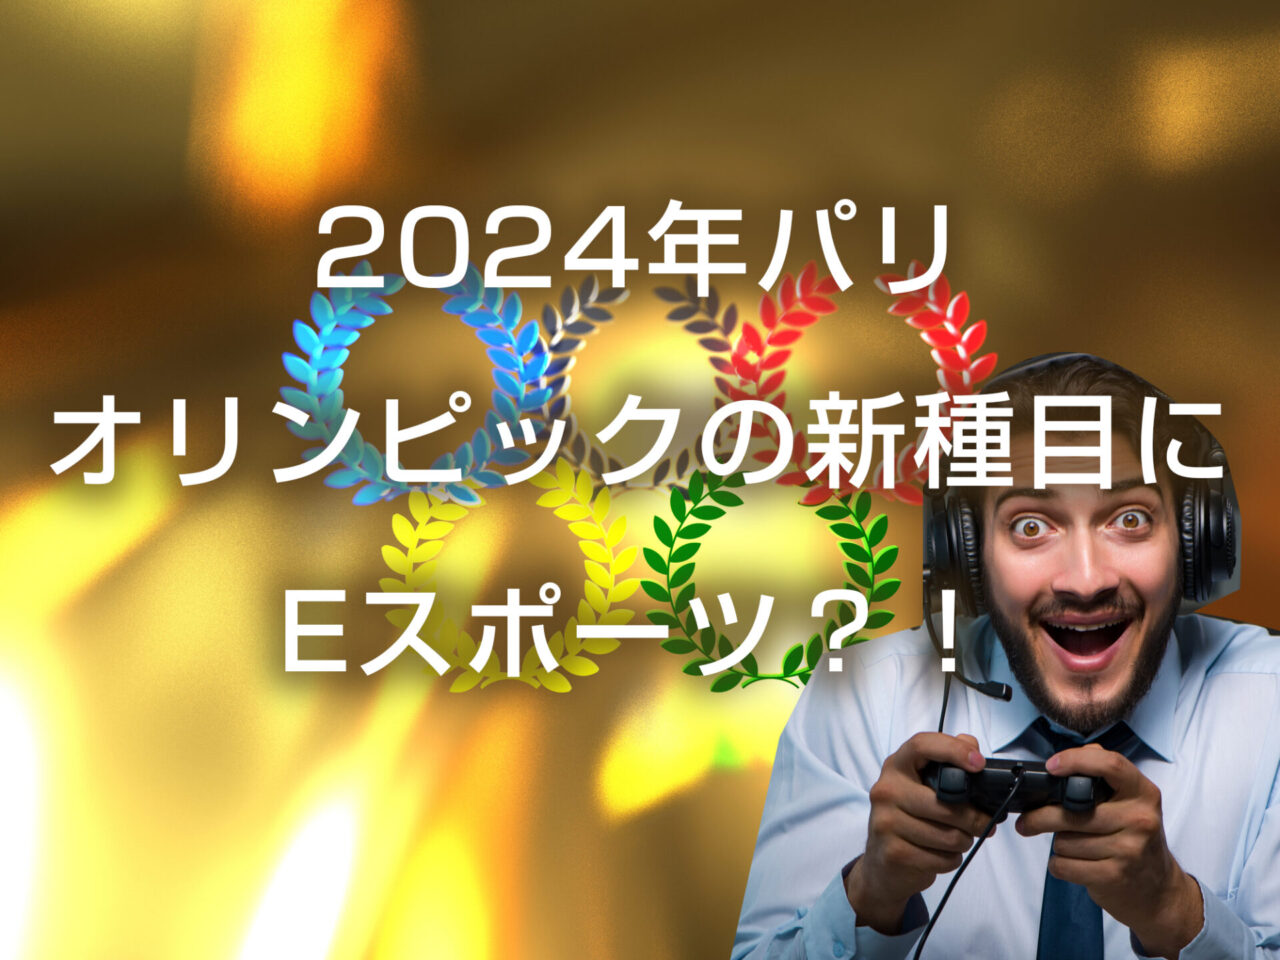 2024年パリオリンピックの新種目にEスポーツ?!